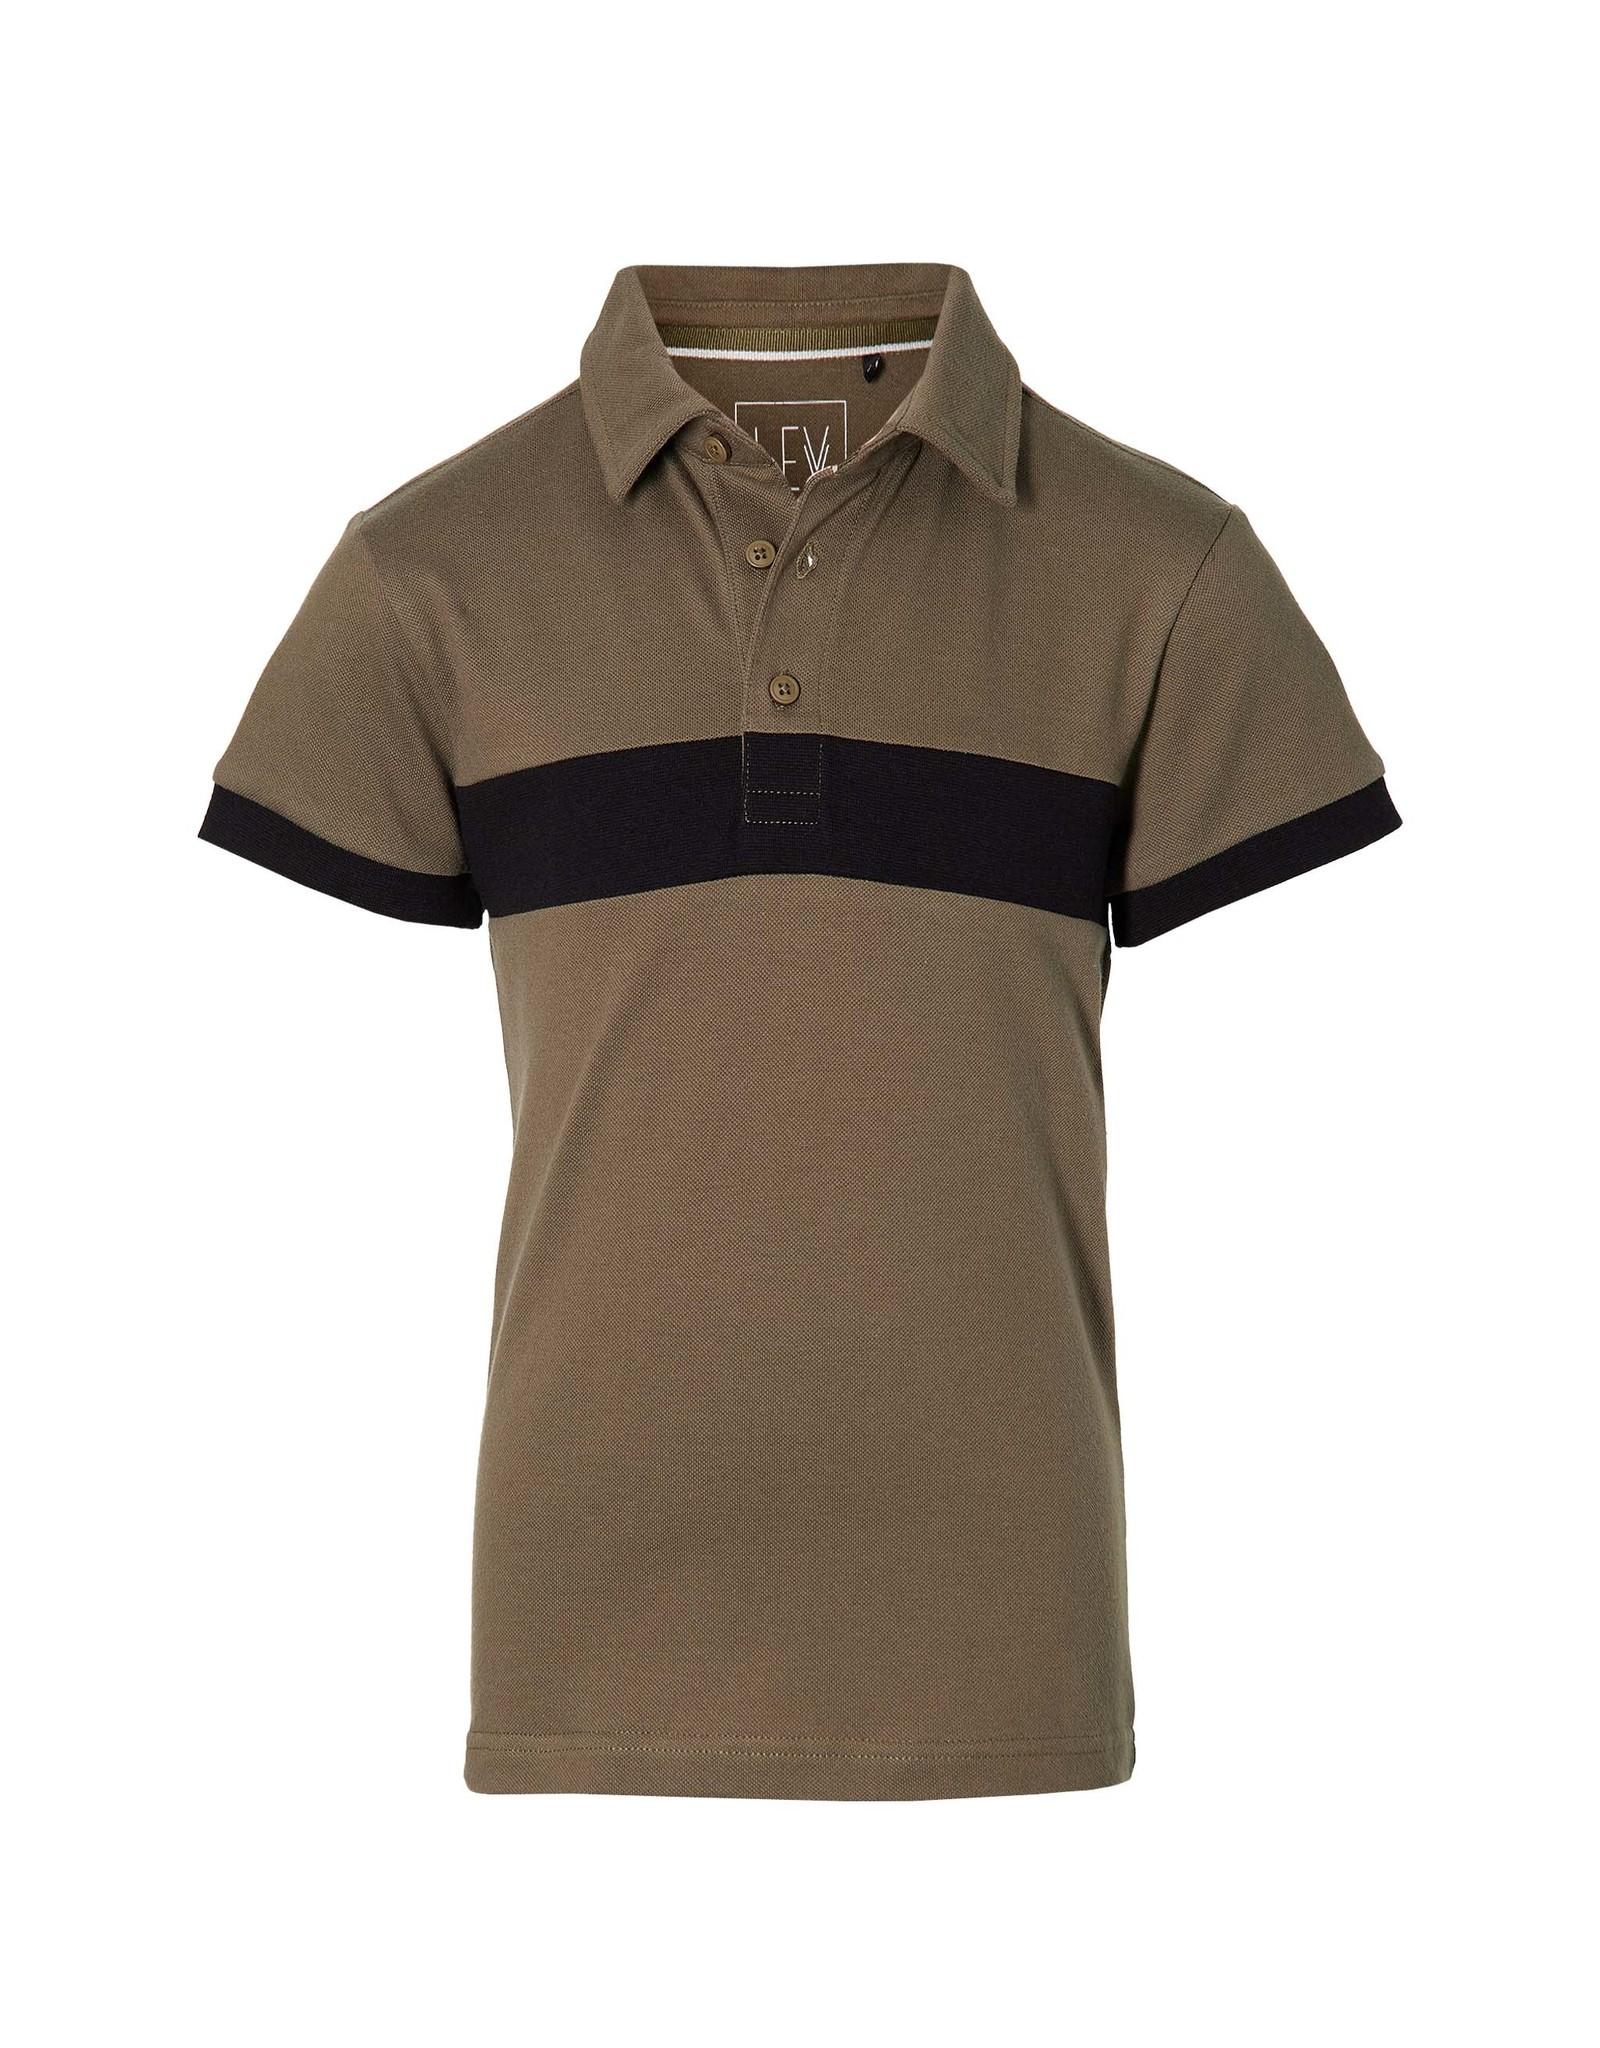 LEVV Levv jongens polo t-shirt Mart Terra